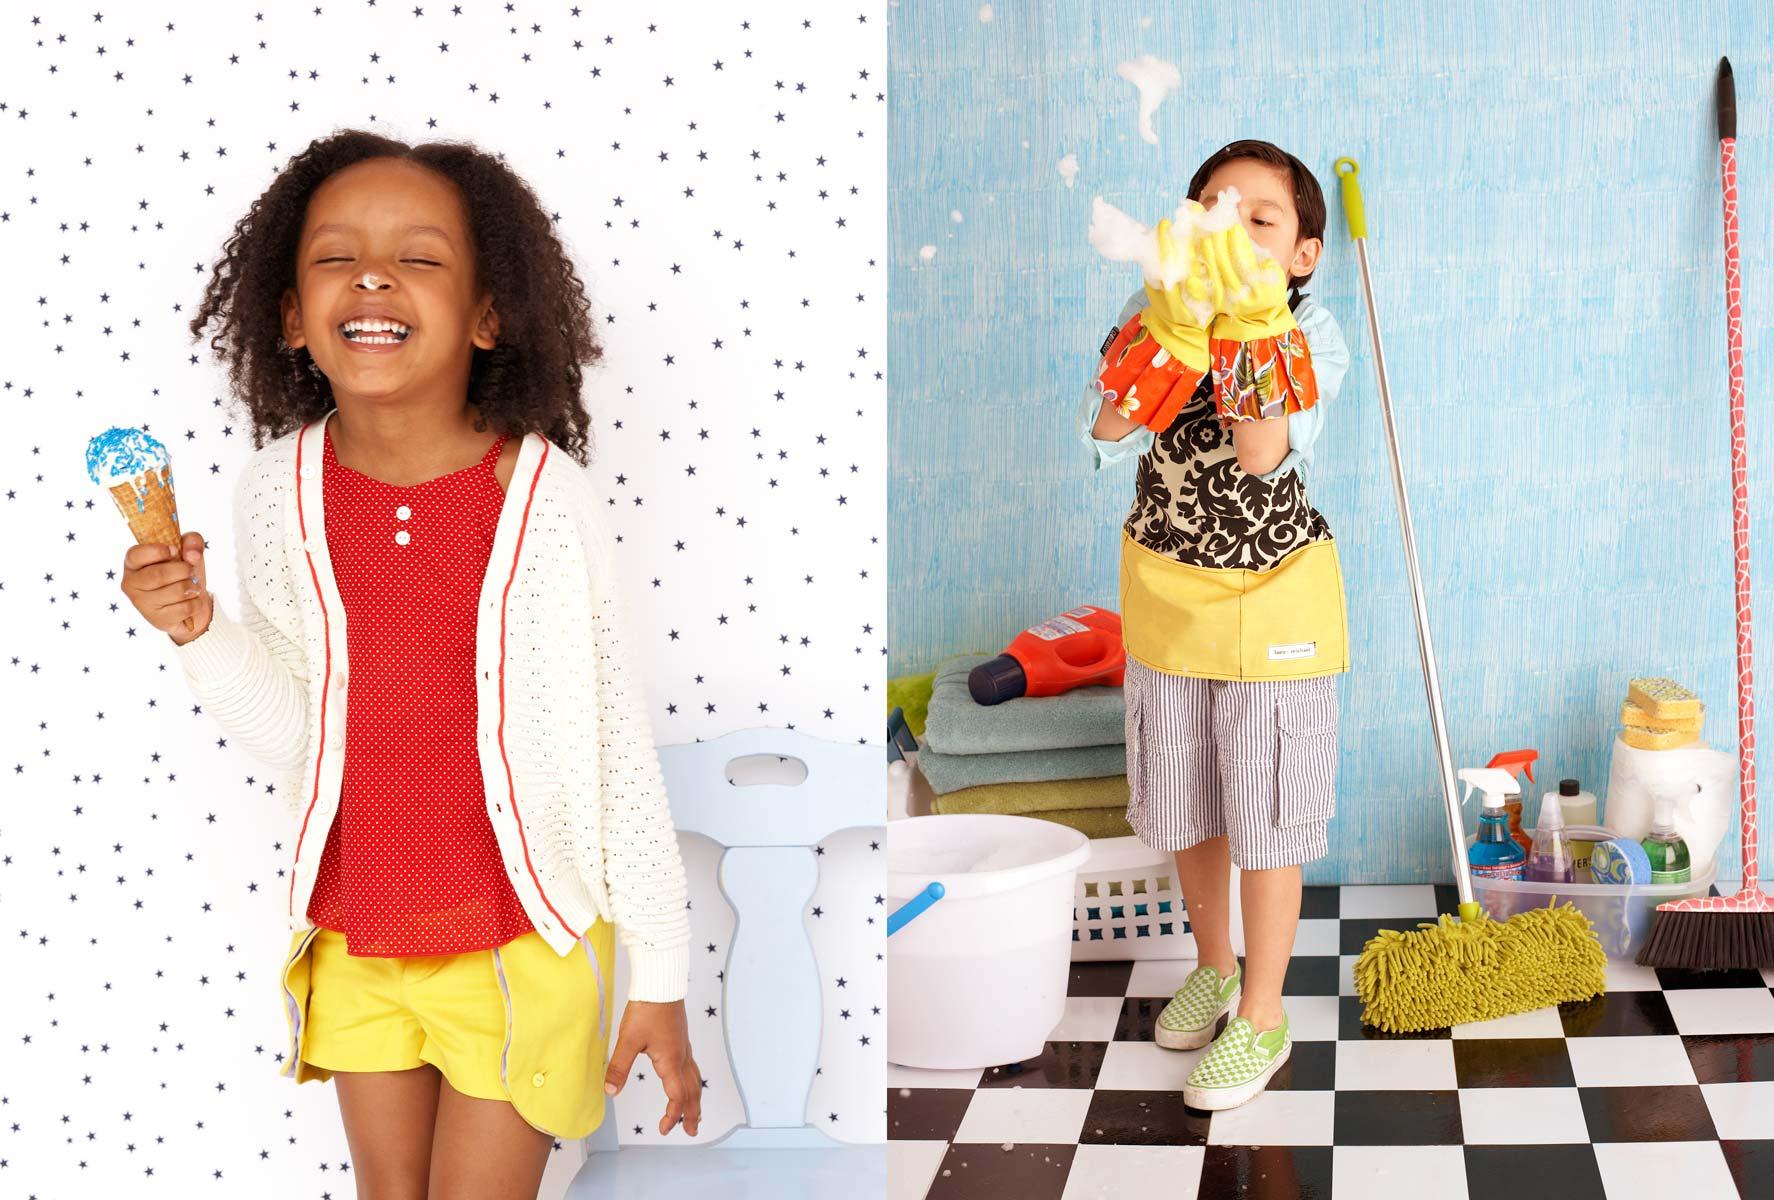 19_3_Kids_003.jpg